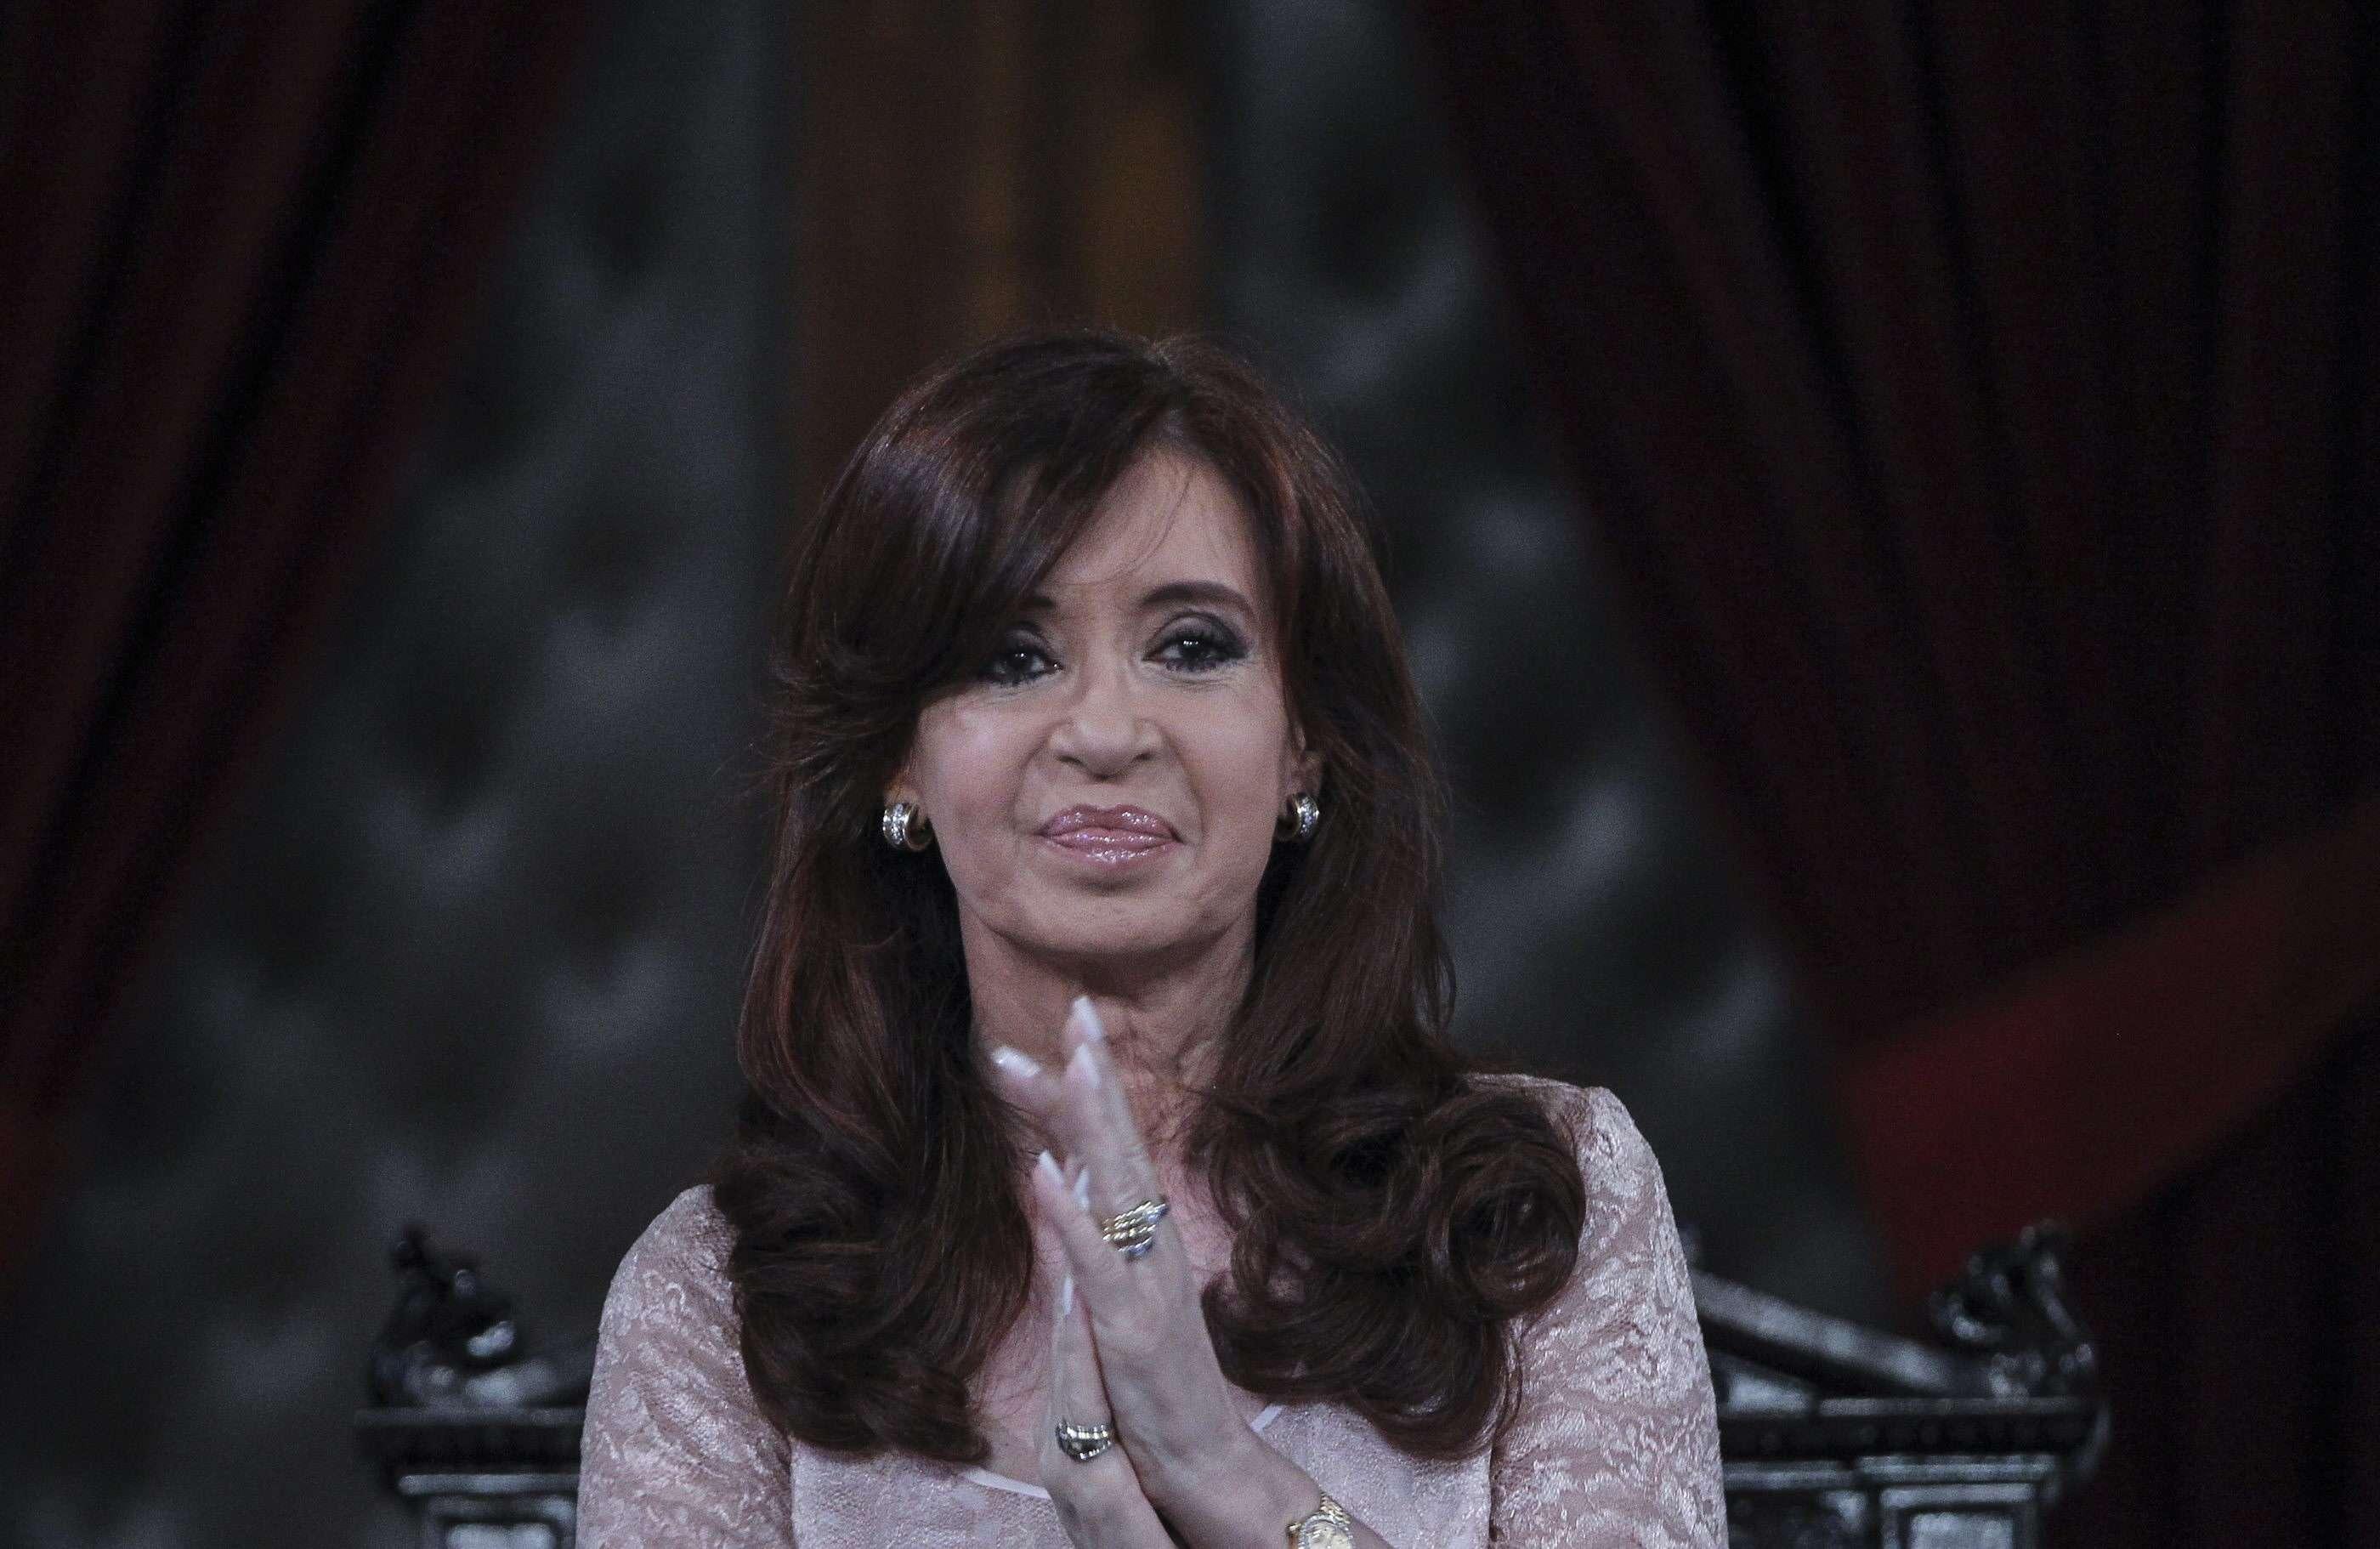 """Cristina: """"De la AMIA hablo con los familiares desde el año 96 ayudándolos y apoyándolos"""" y que también habla en Naciones Unidas """"reclamando que se haga Justicia como no lo hizo ningún presidente argentino"""". Foto: EFE"""